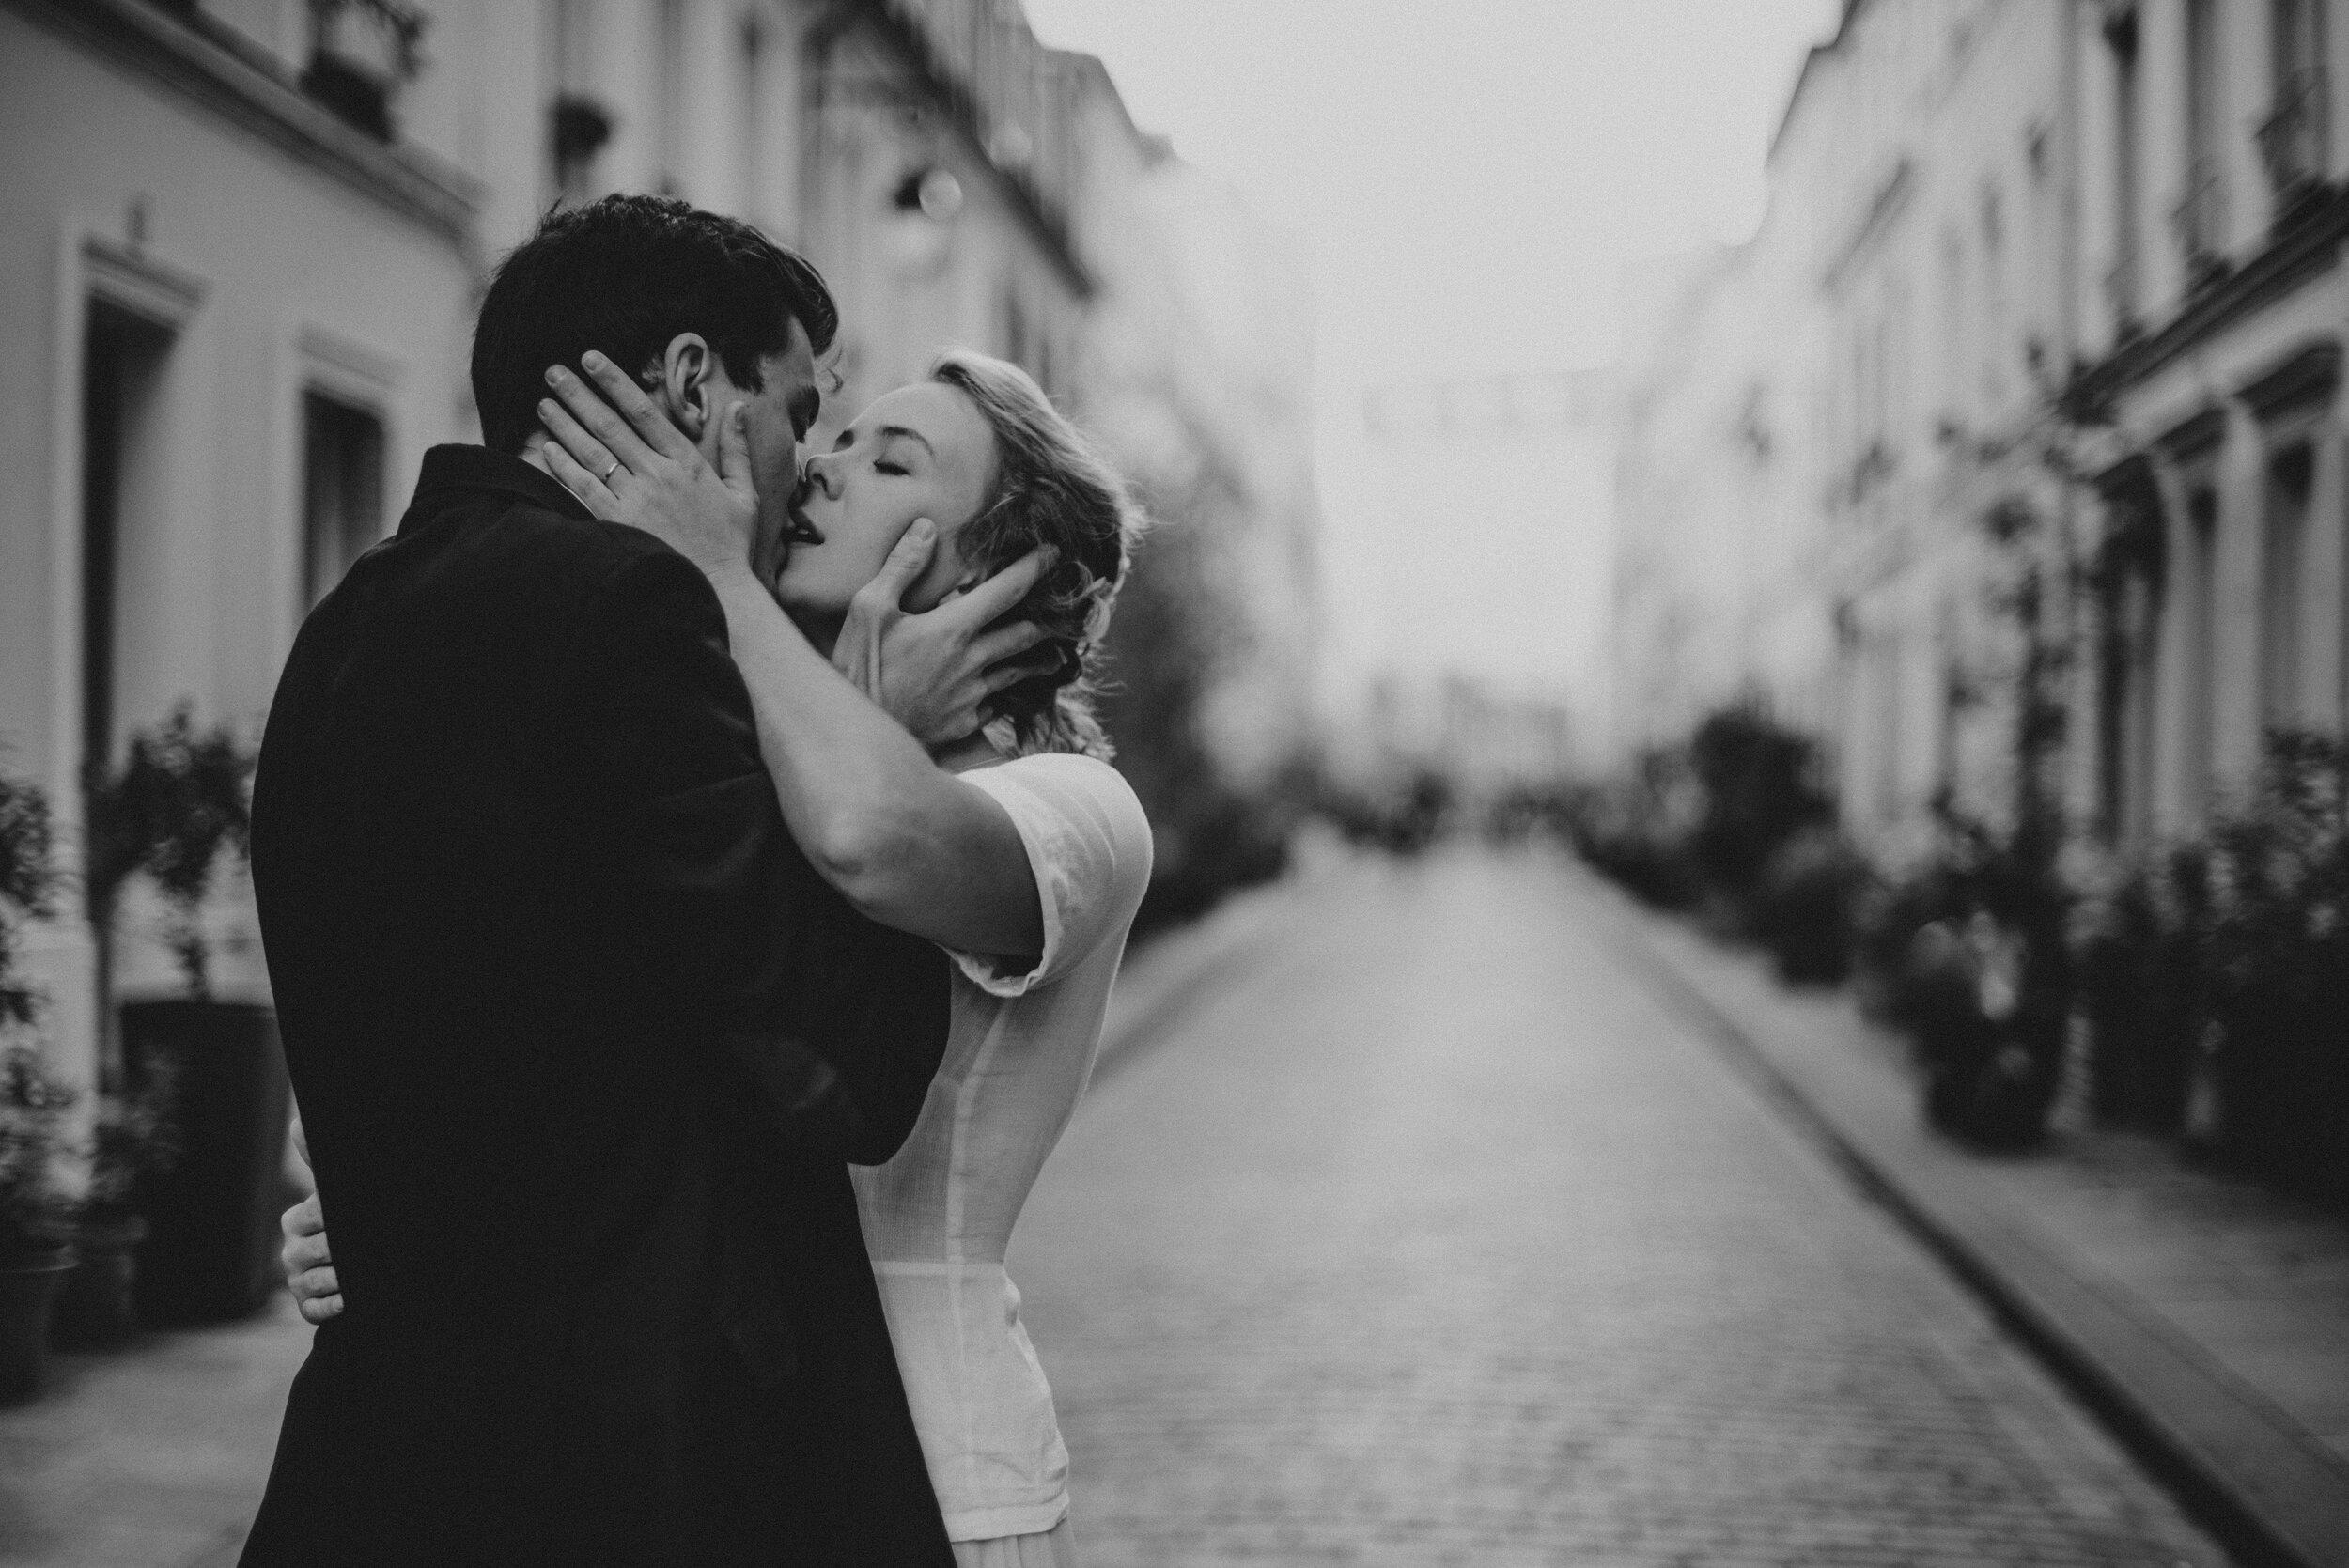 Léa-Fery-photographe-professionnel-lyon-rhone-alpes-portrait-creation-mariage-evenement-evenementiel-famille-2971.jpg